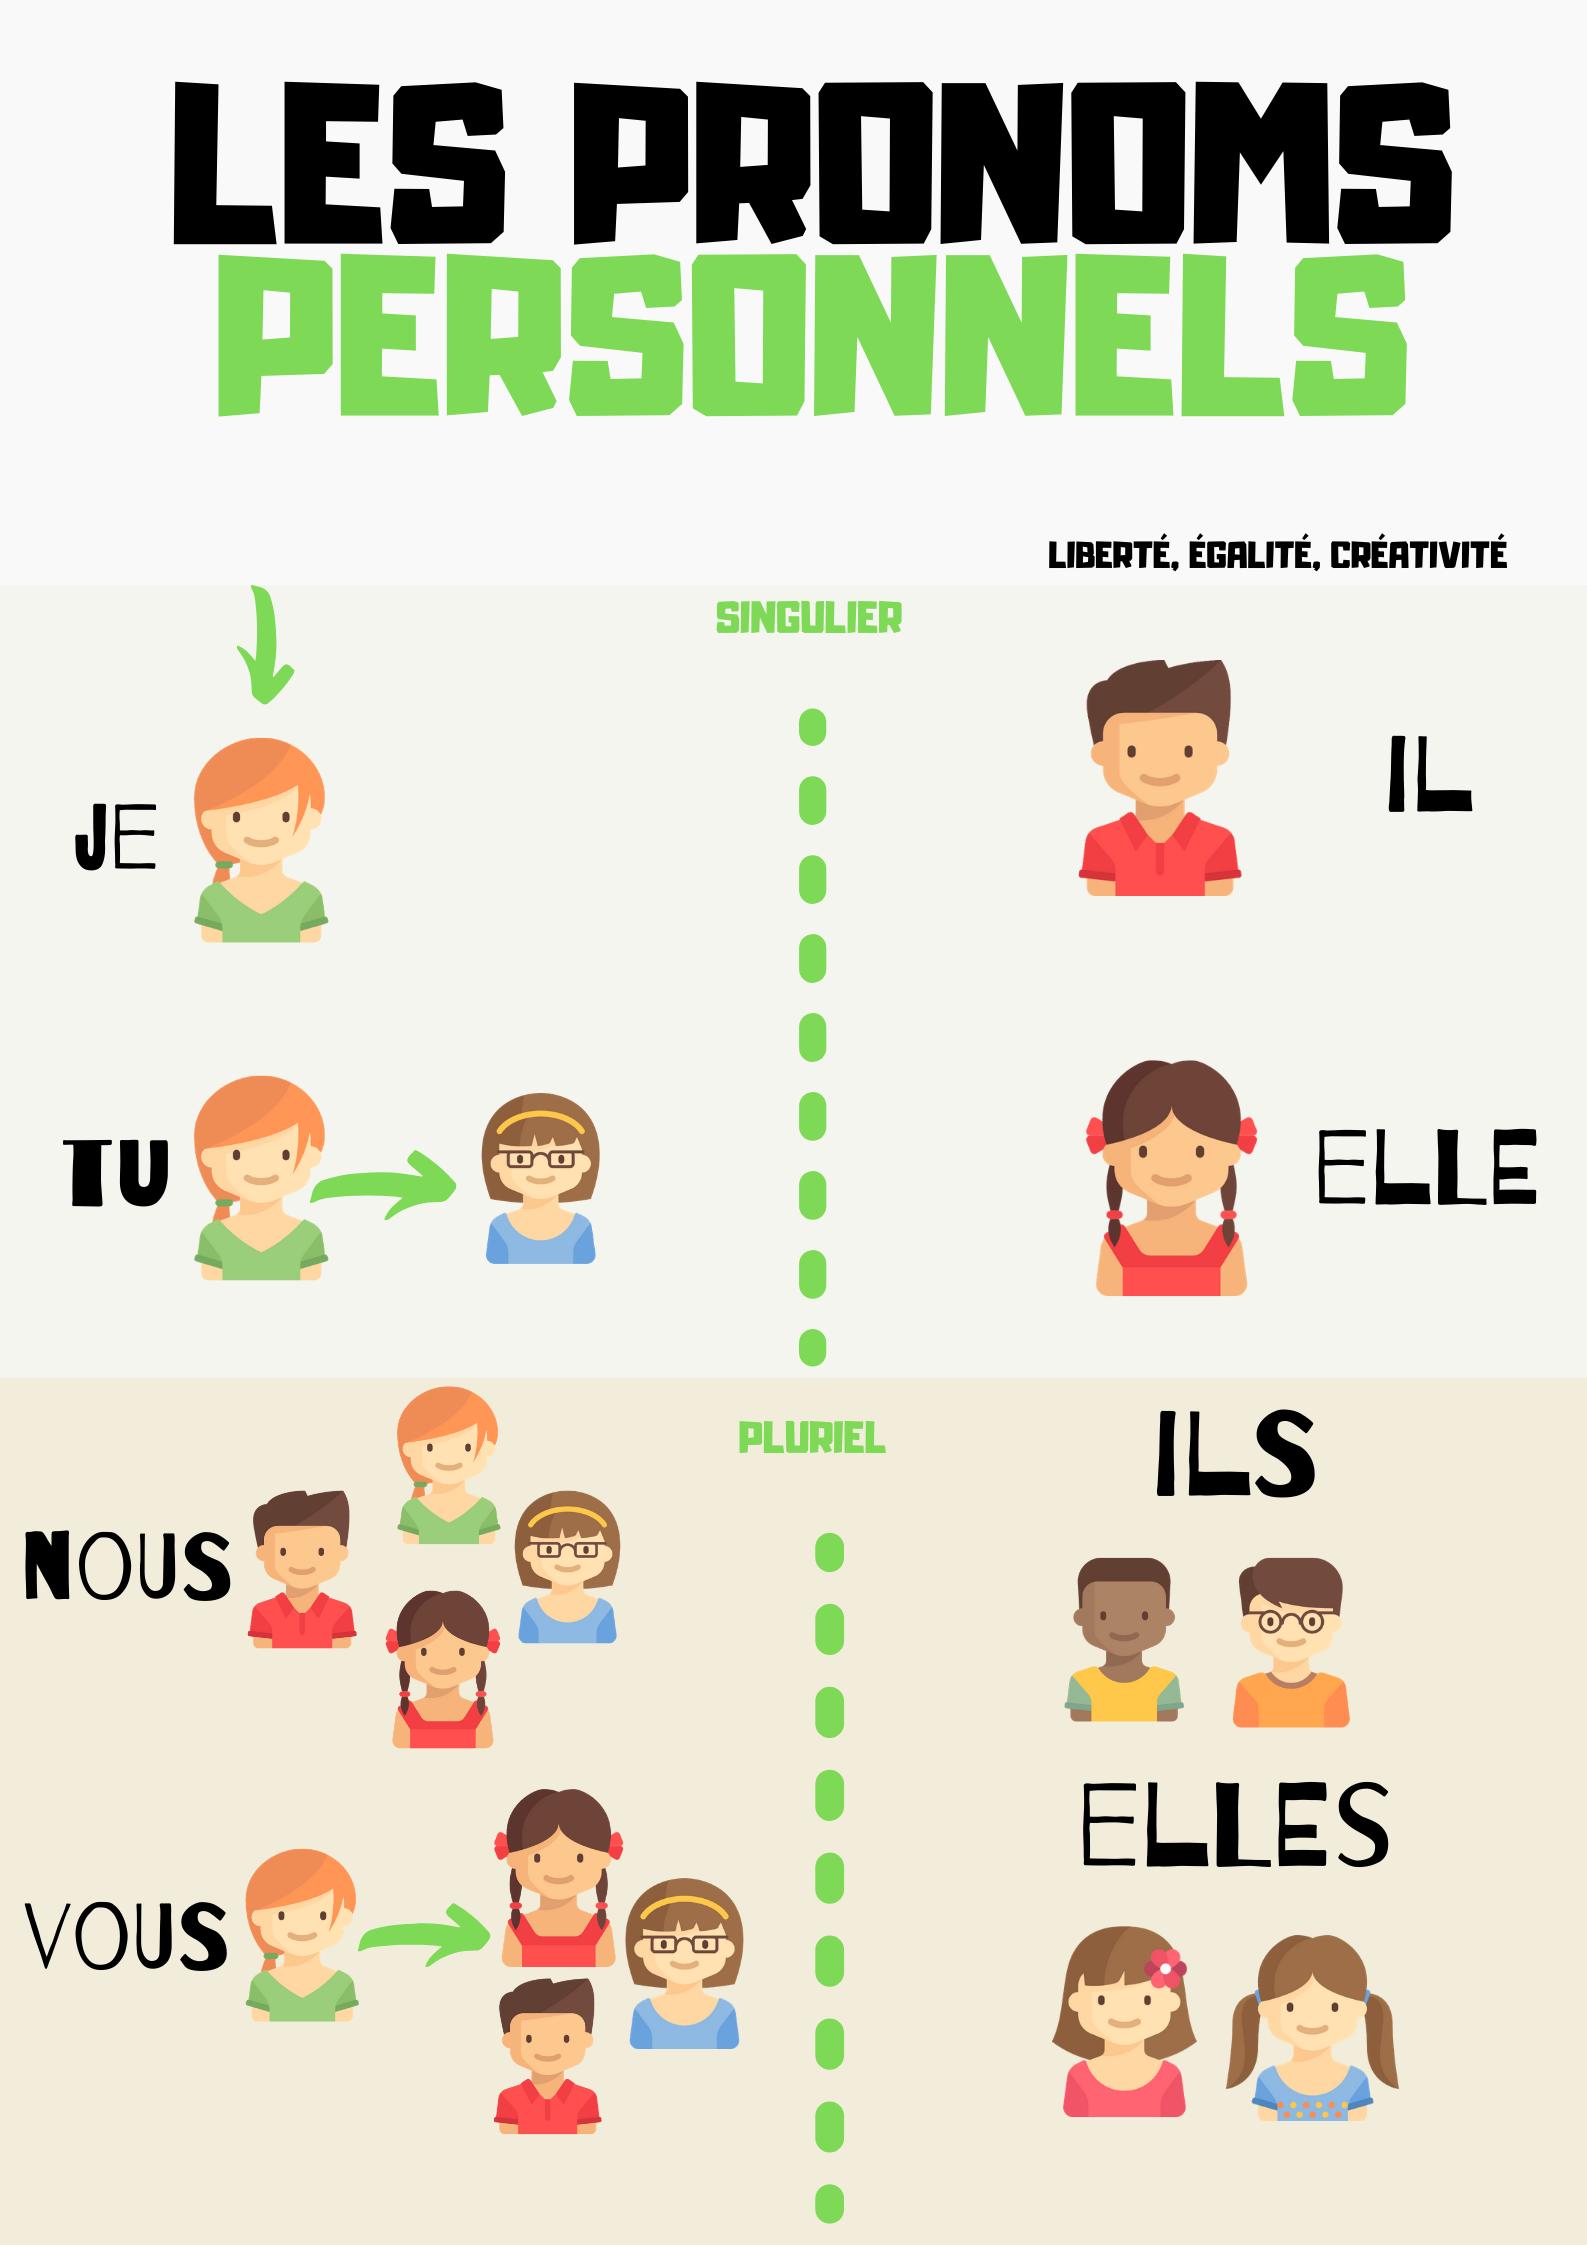 les pronoms personnels.png